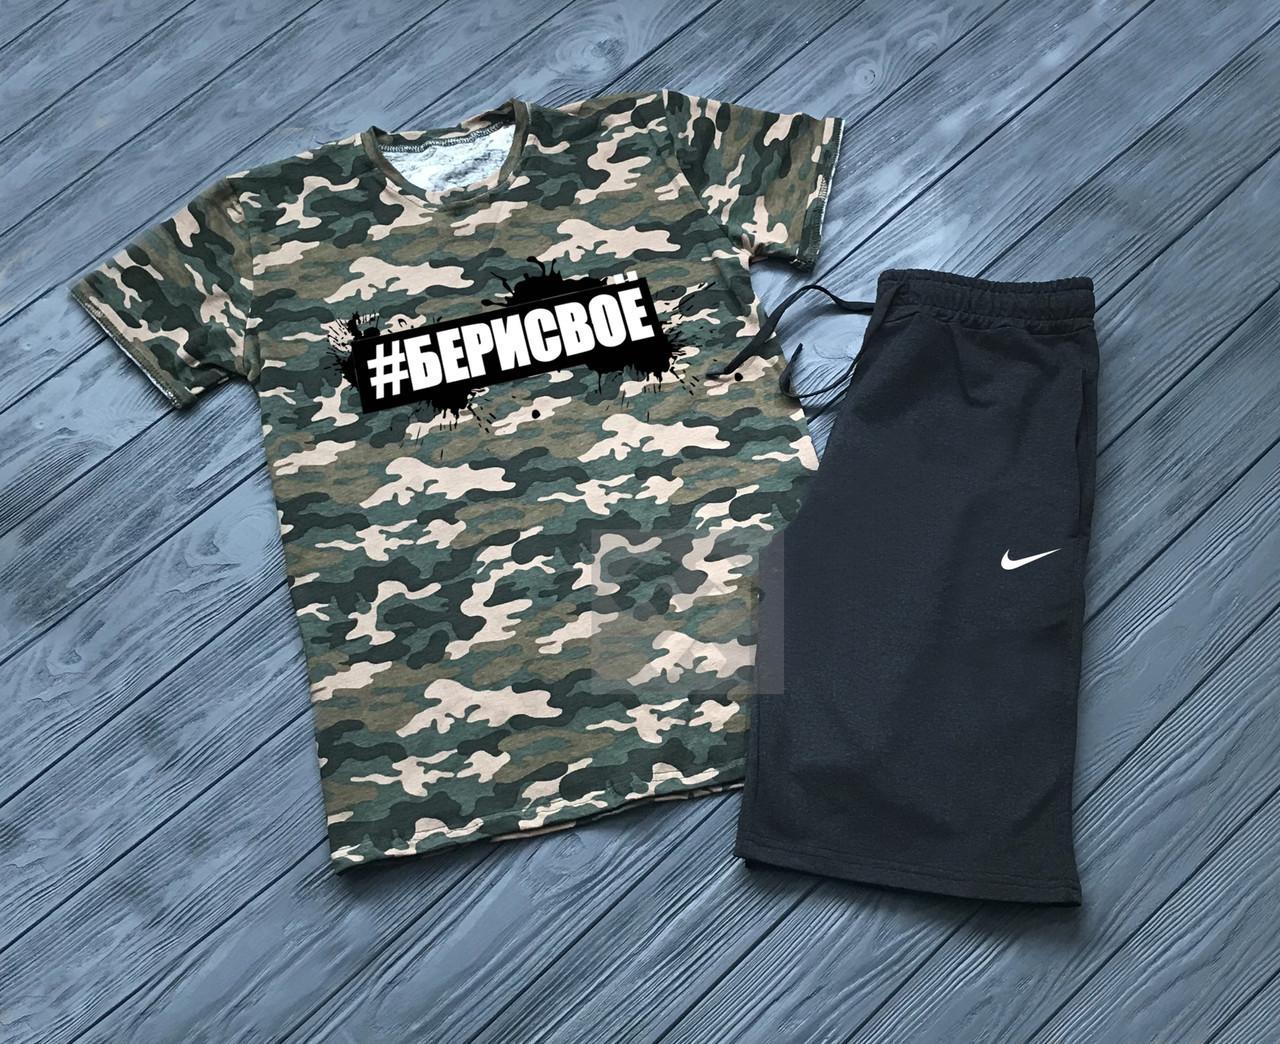 Мужской комплект футболка + шорты Nike камуфляжного и черного цвета